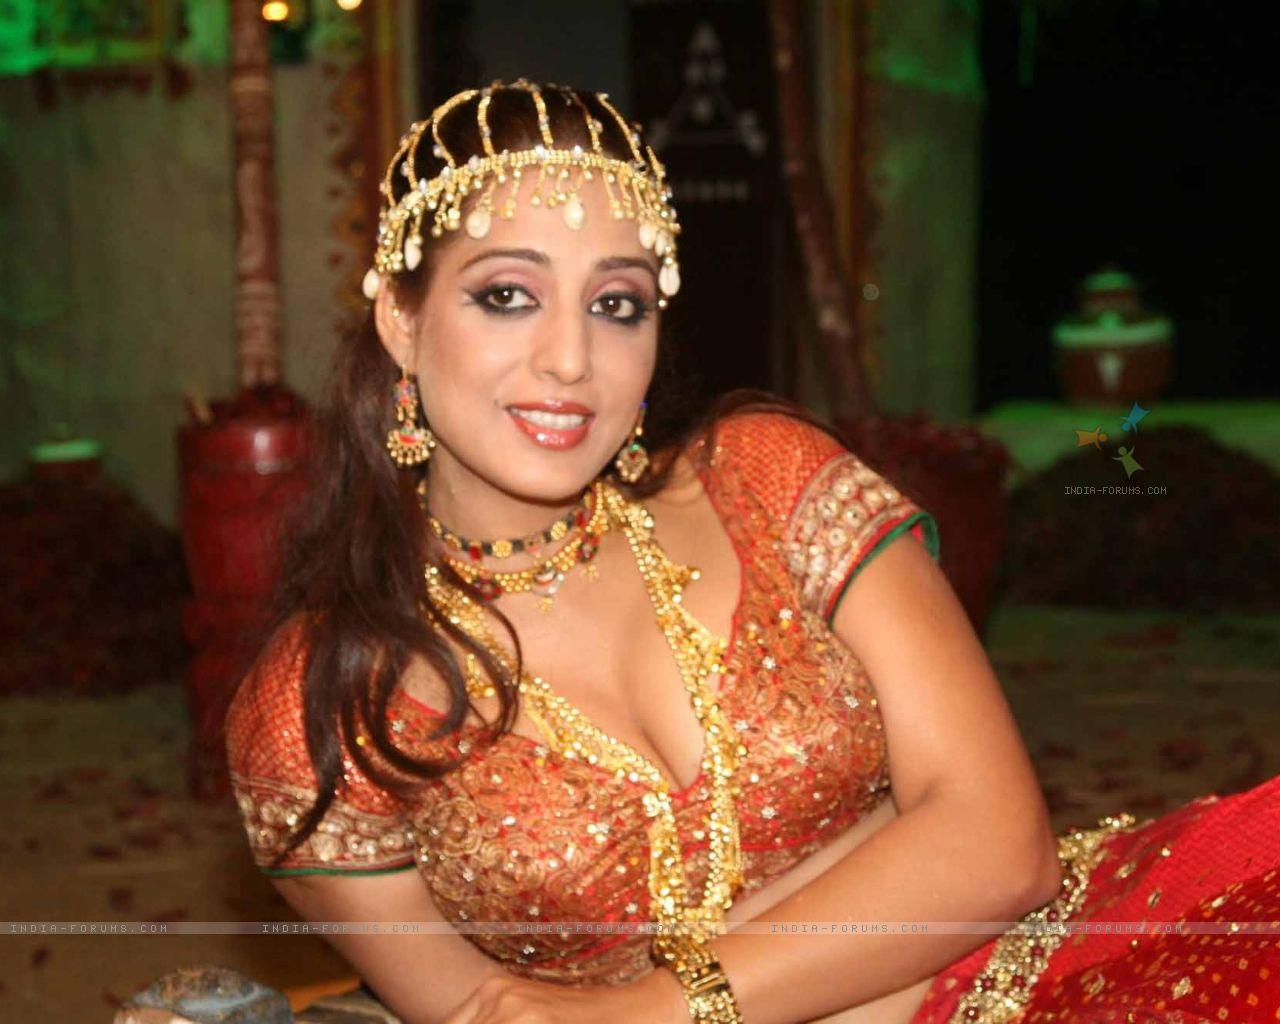 Mahi Gill - Indian Punjabi Bollywood Actress And Model New -8545